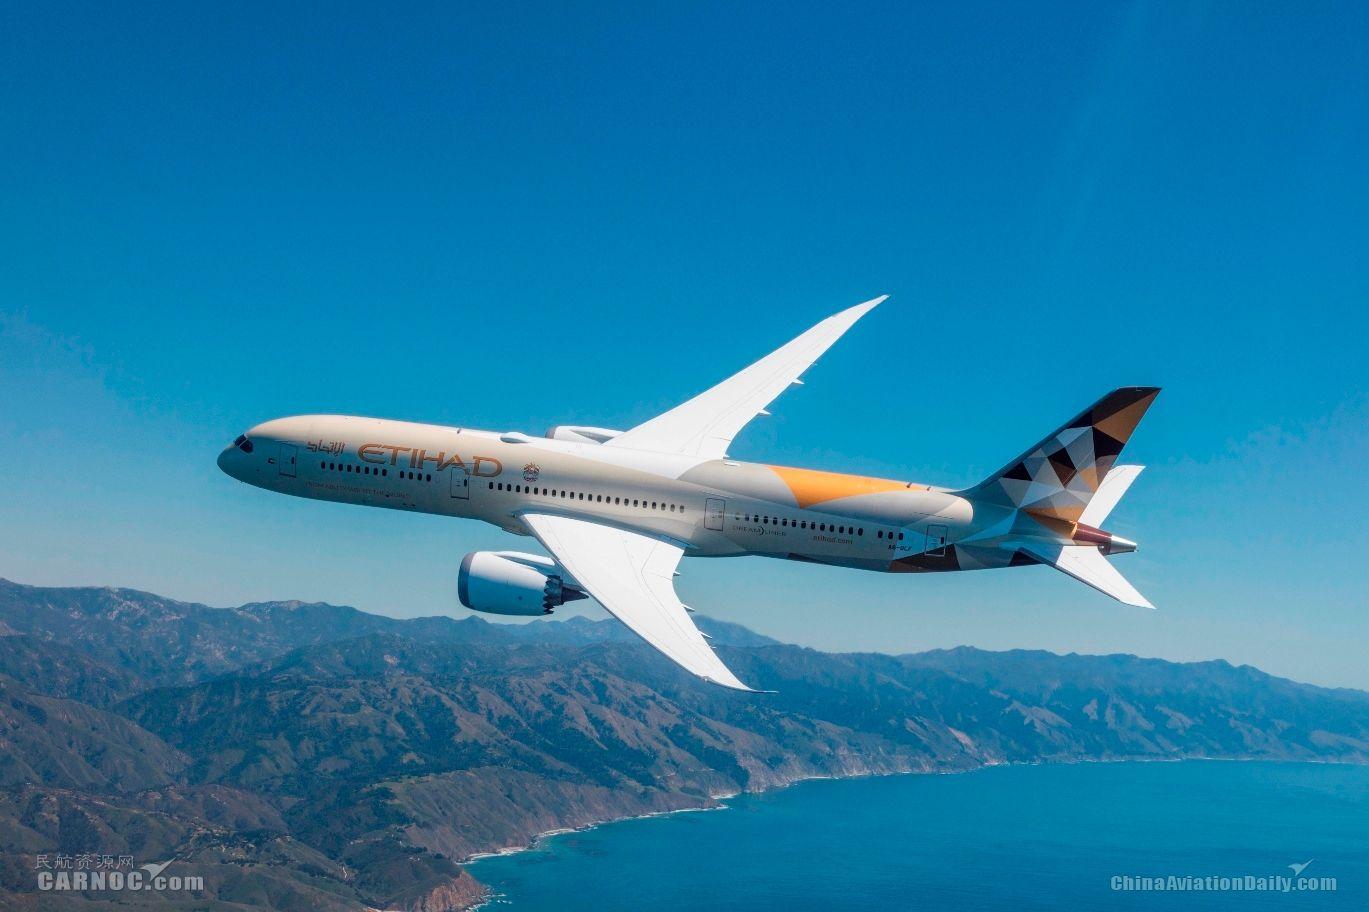 阿提哈德航空与瑞士航空签署代码共享协议